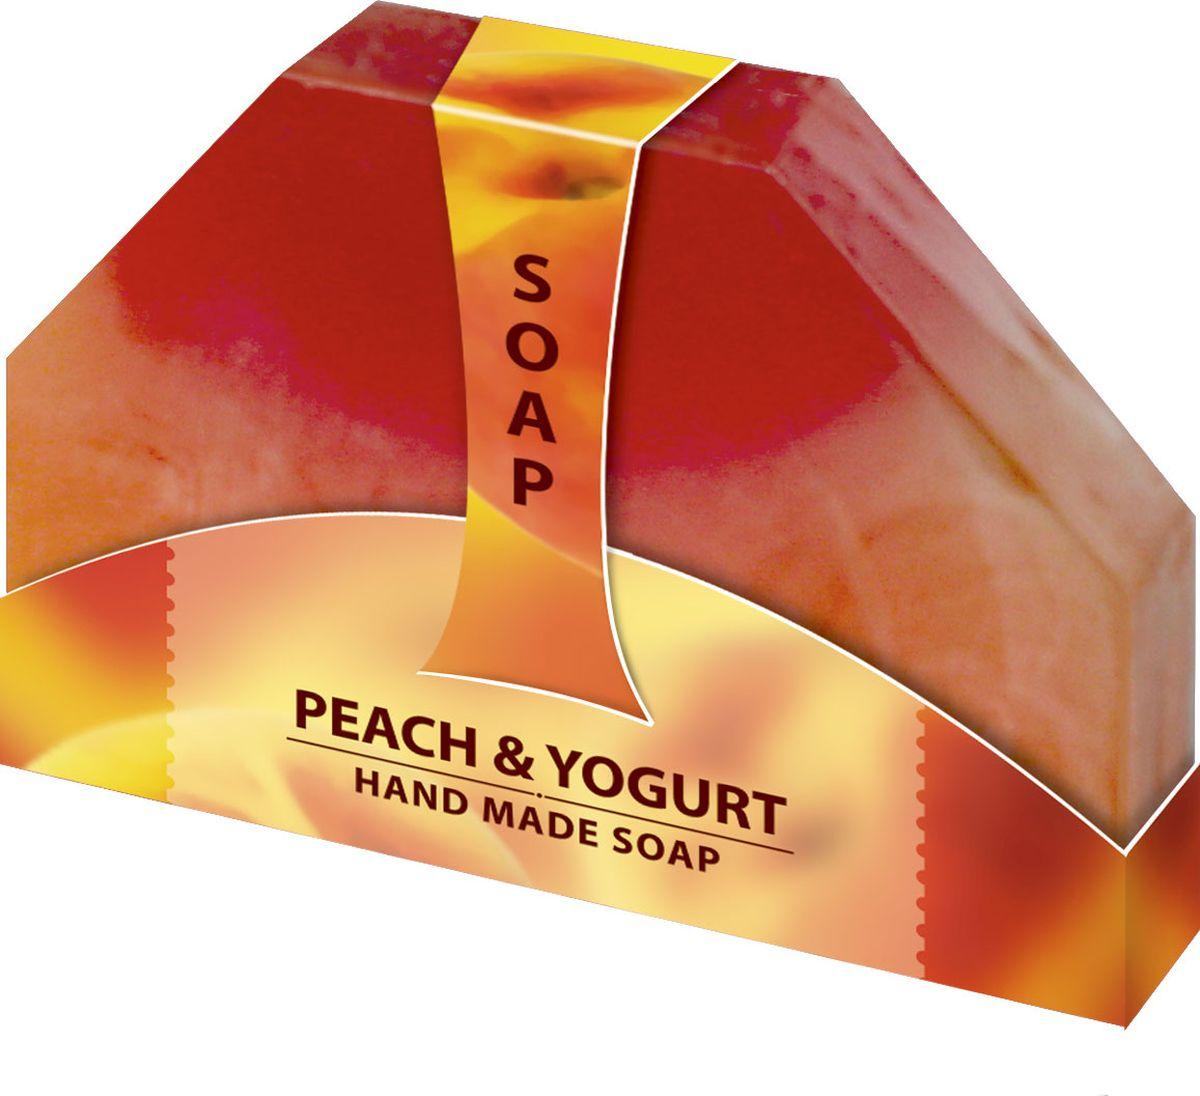 Мыло ручной работы Персиковый Йогурт Hand made spa collection, 80 г6000834Мыло из нежного природного пальмового масла, содержит натуральный экстракт персика, с содержанием йогурта. Имеет приятный фруктовый аромат, который наполнит вашу душу удовольствием. Наслаждайтесь гладкостью кожи после каждого использования. Очищает и тонизирует кожу, делая ее бархатистой.